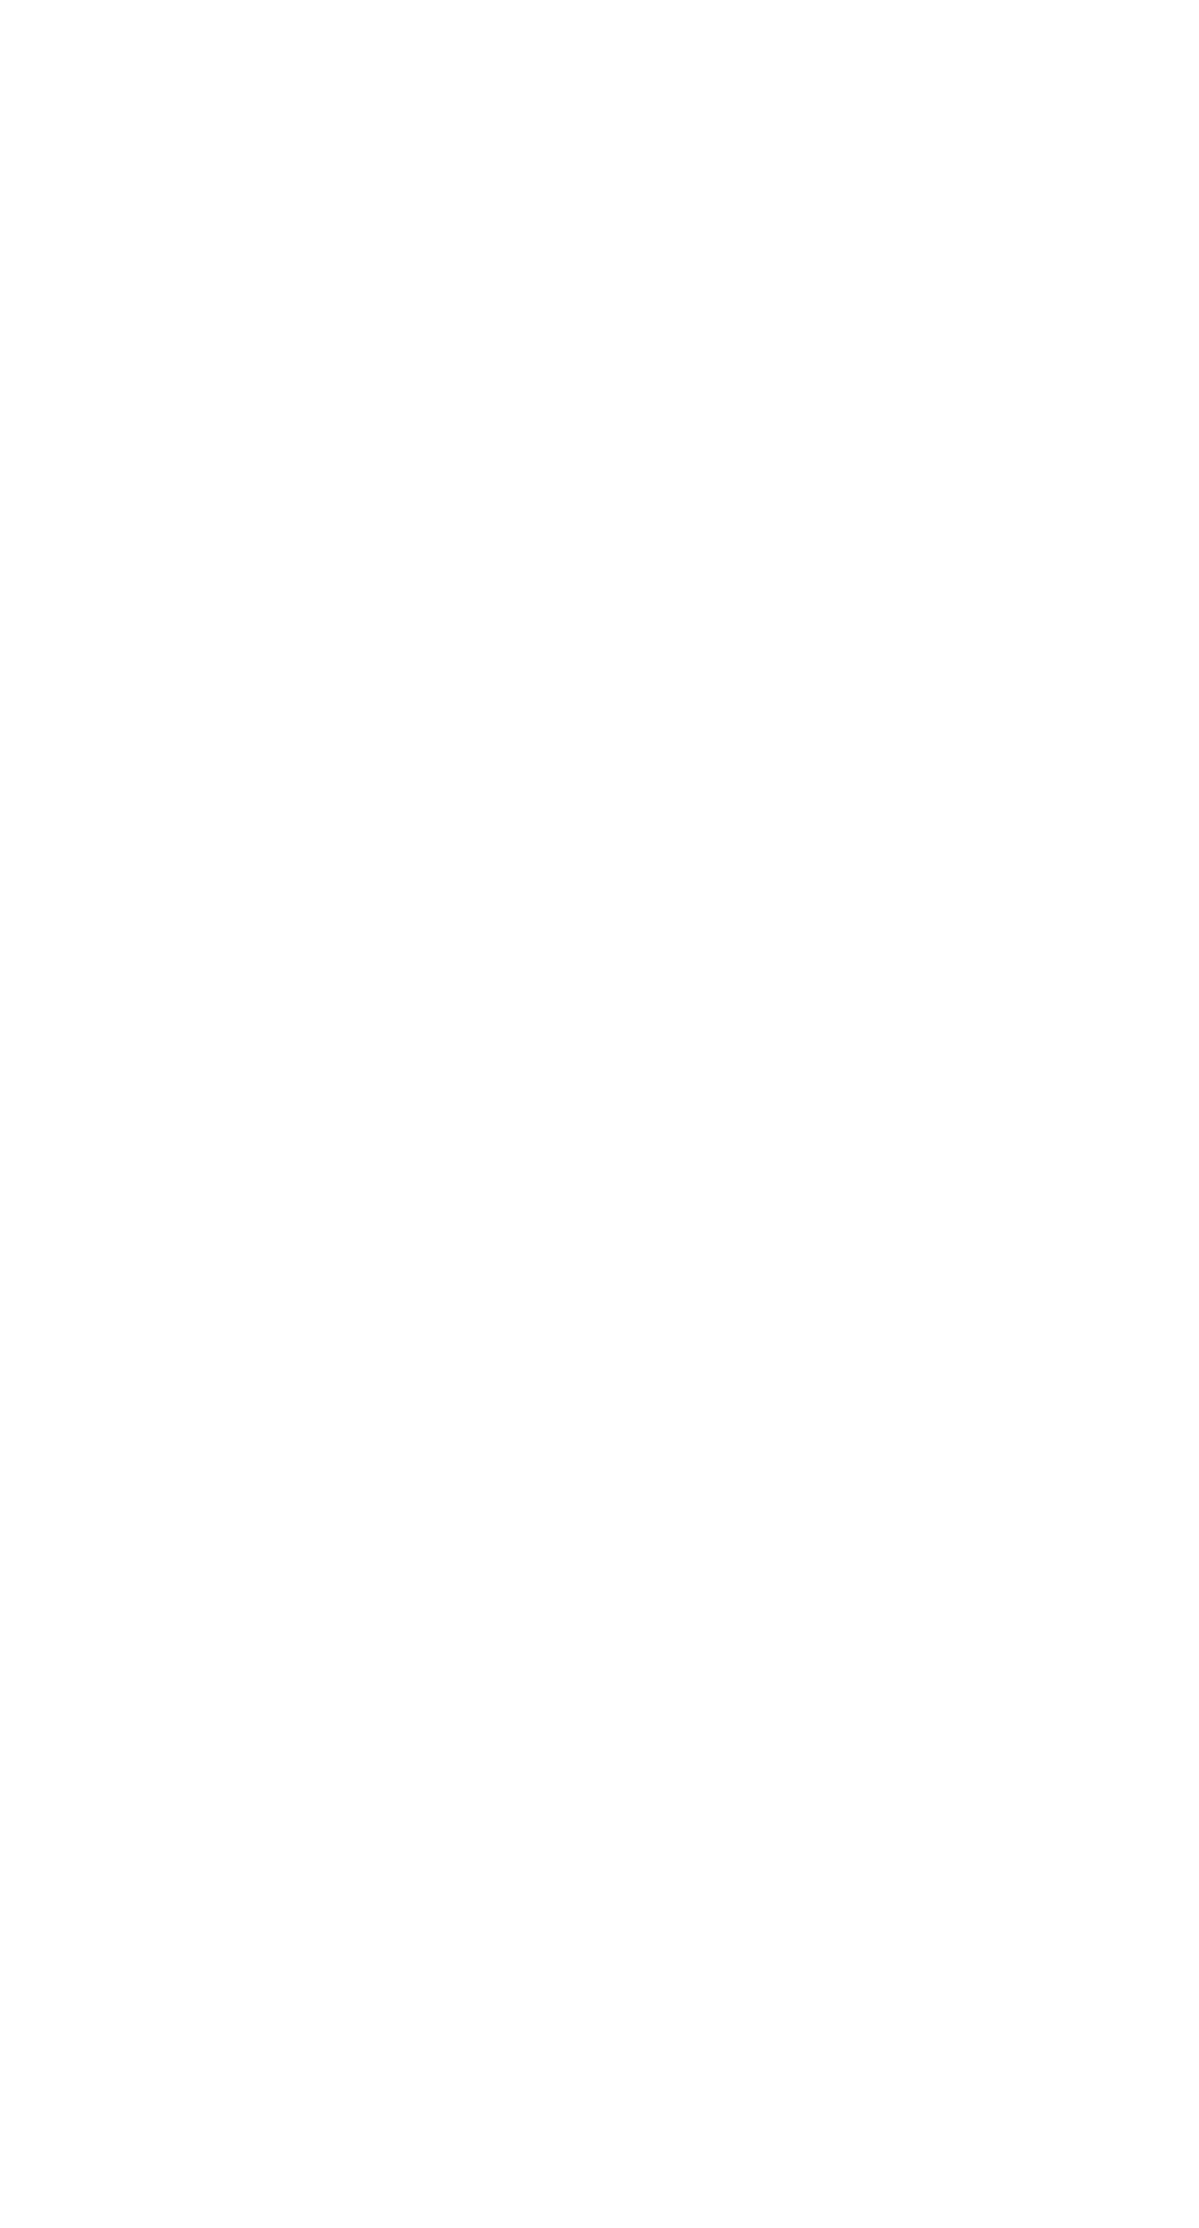 richard cantillon essay on the nature of commerce in general Other articles where essai sur la nature du commerce en general is discussed:  richard cantillon:which survived the blaze, his essai sur la nature du.